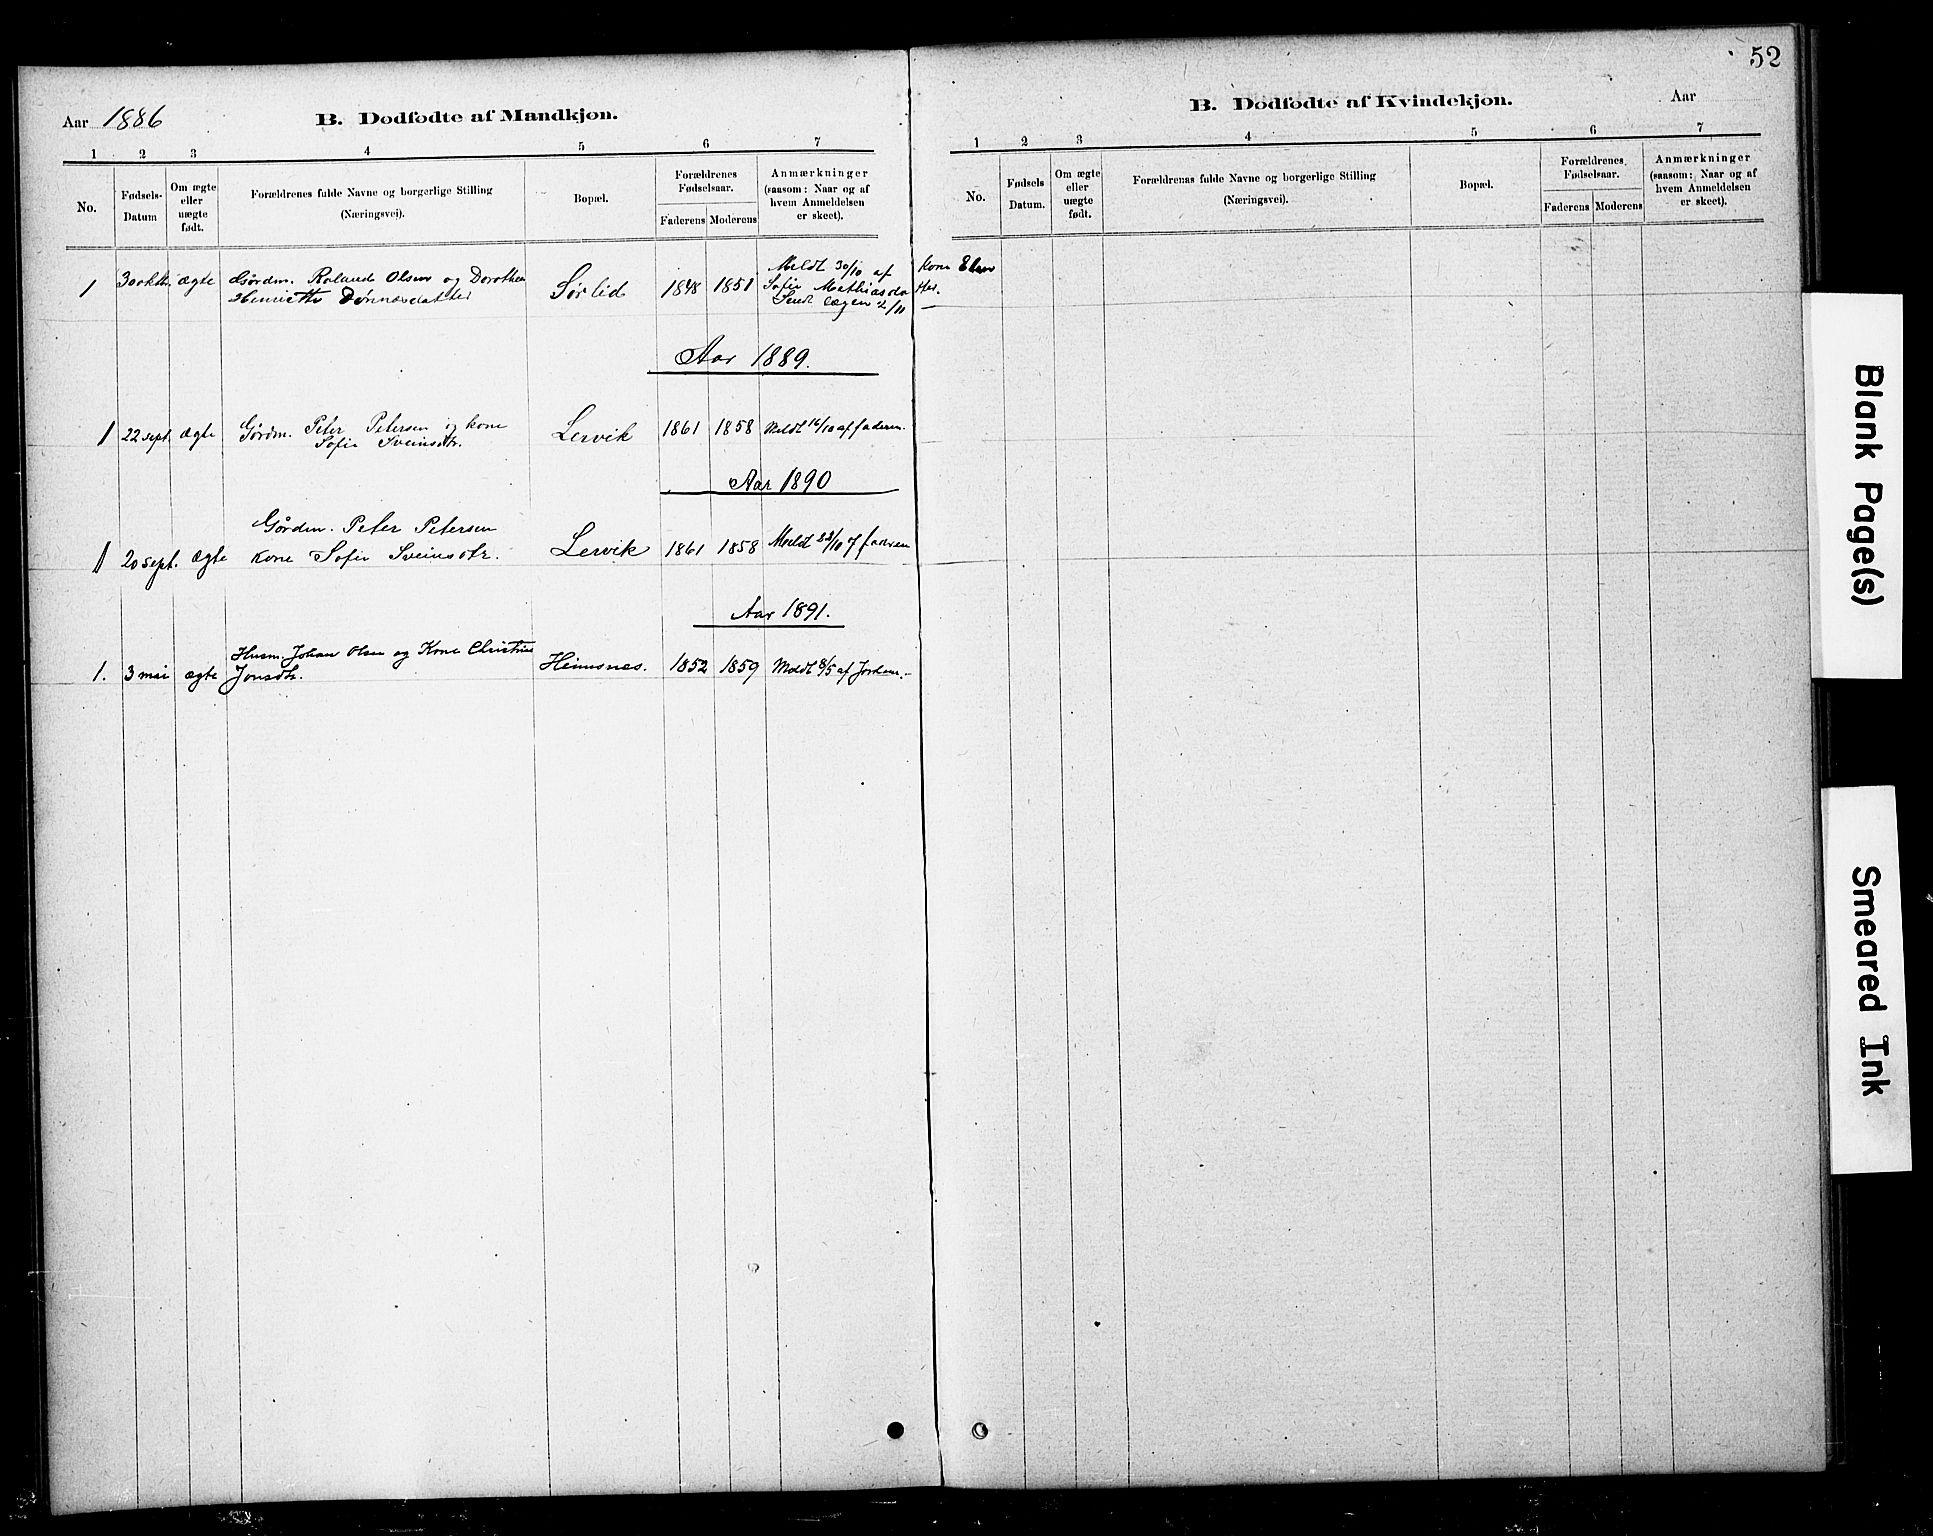 SAT, Ministerialprotokoller, klokkerbøker og fødselsregistre - Nord-Trøndelag, 783/L0661: Klokkerbok nr. 783C01, 1878-1893, s. 52